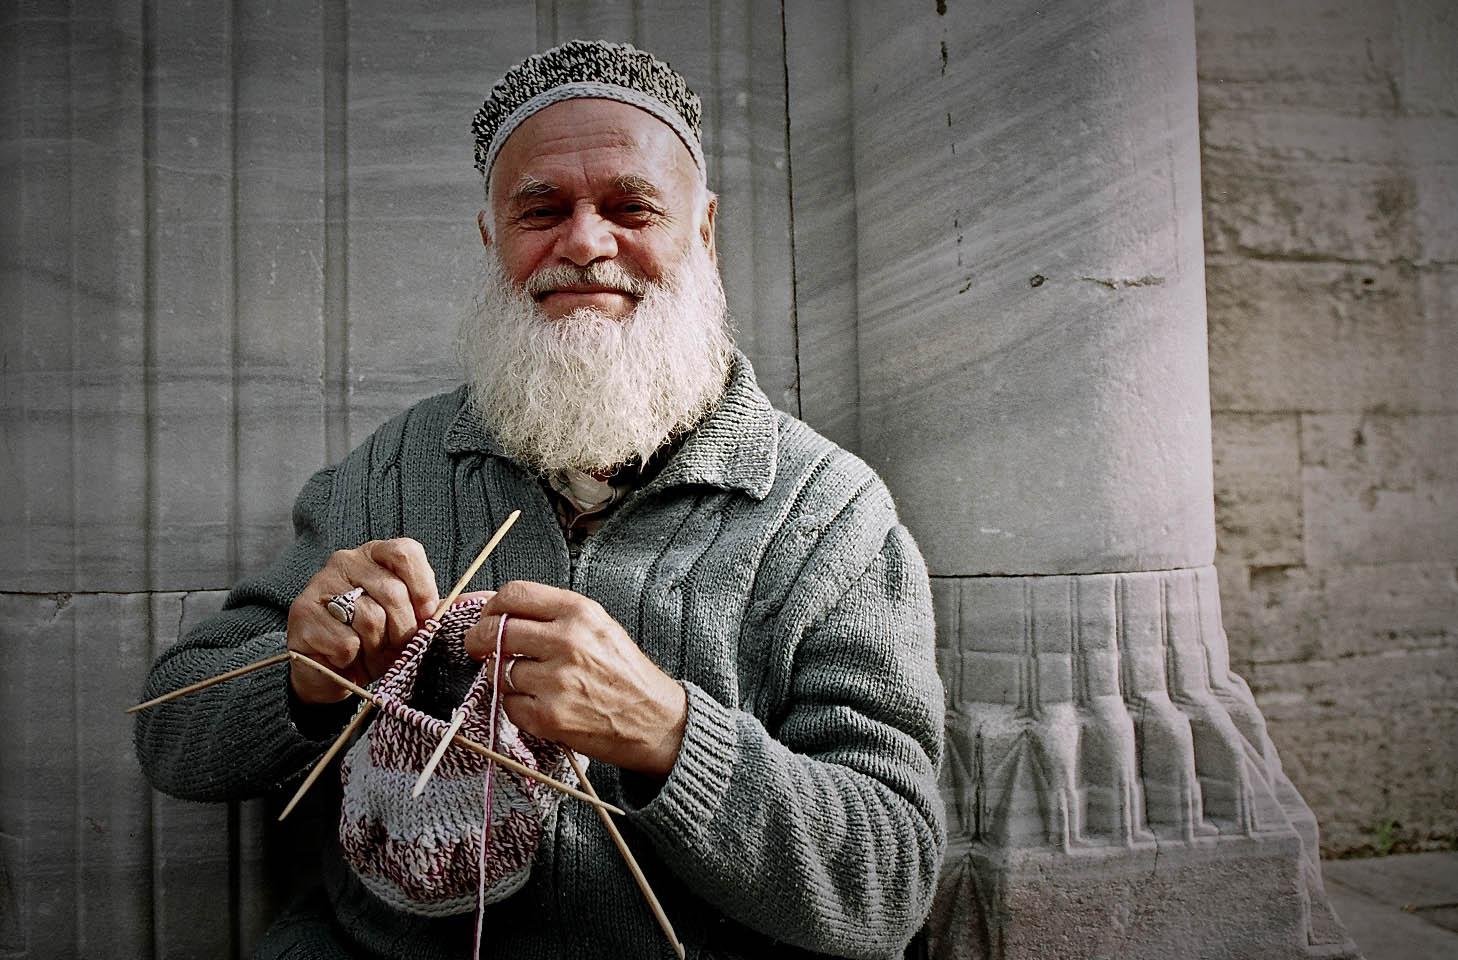 Knitting Man : The knitting man